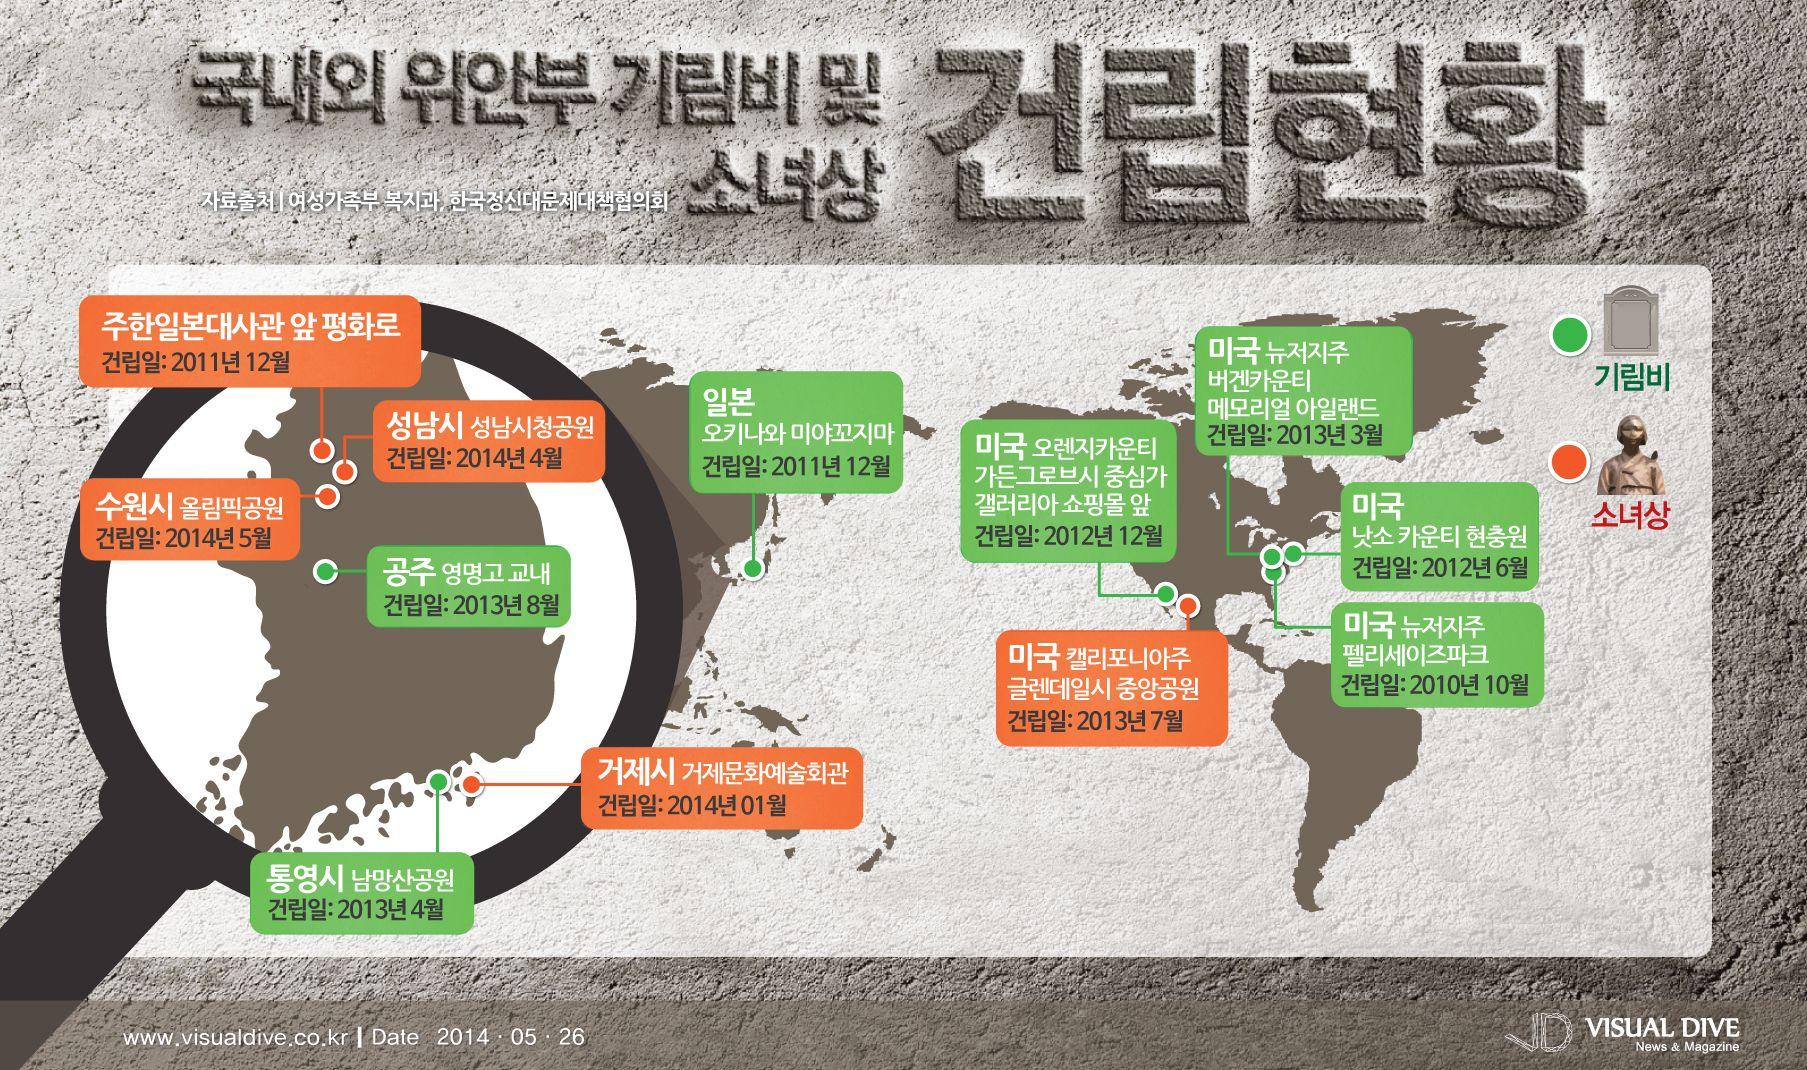 매년 늘어나는 위안부 소녀상과 기림비, 국내외 몇 곳? [인포그래픽] #slaves   #Infographic ⓒ 비주얼다이브 무단 복사·전재·재배포